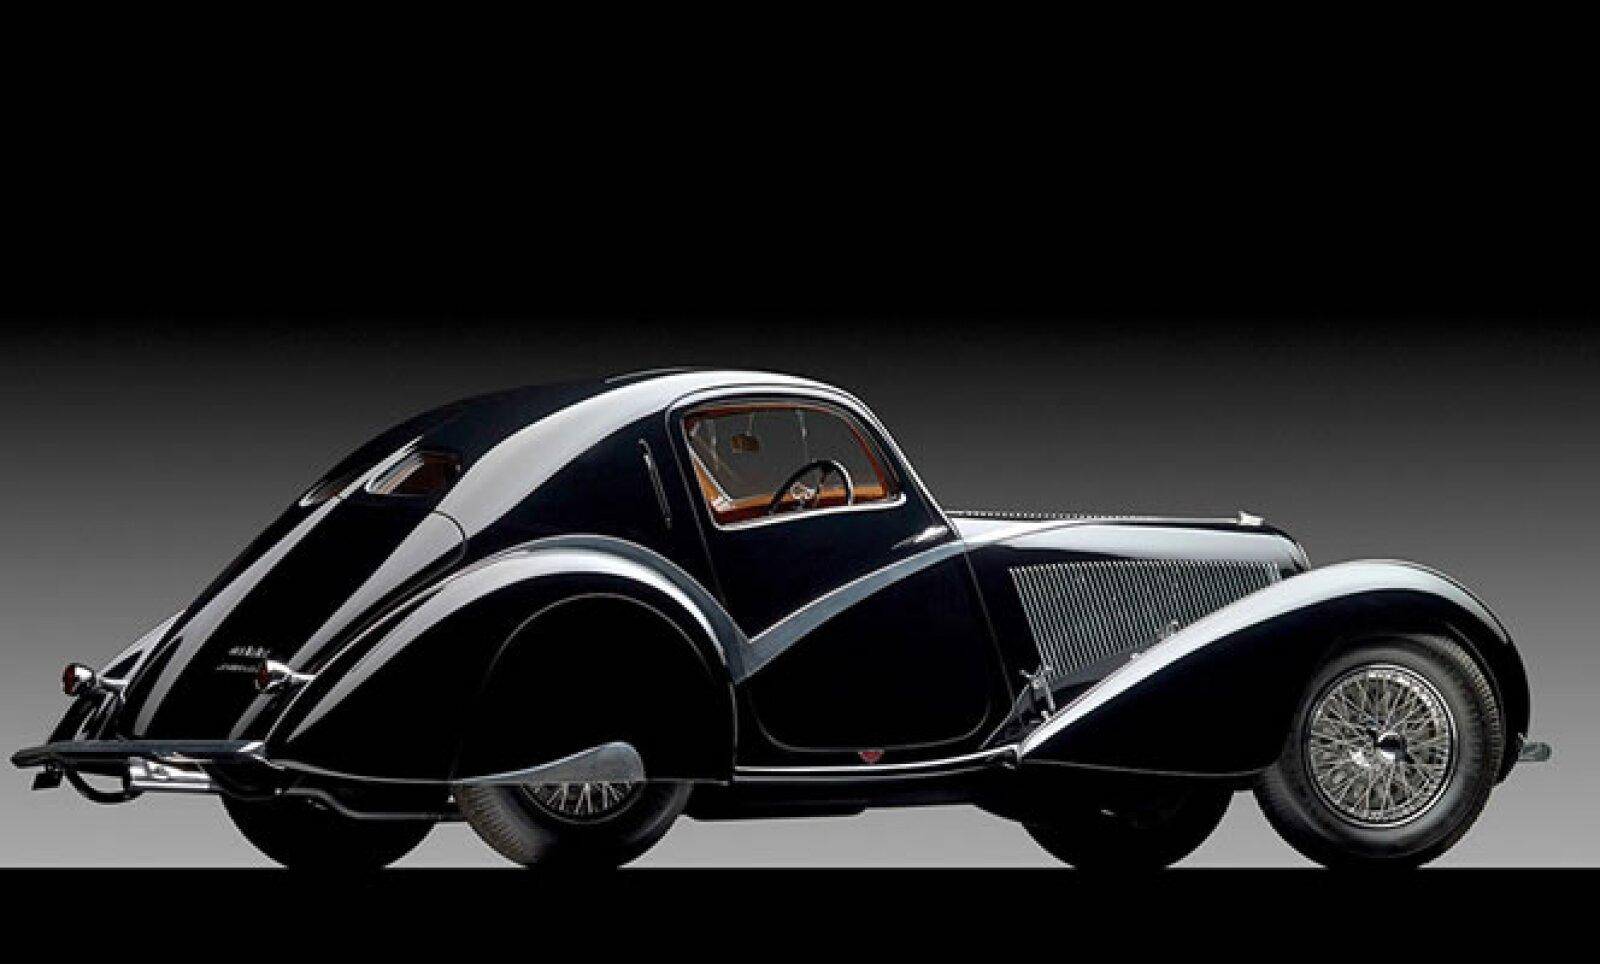 """En la subasta del """"Arte del automóvil"""", este coche clásico fue vendido por 2.4 millones de dólares (mdd)."""